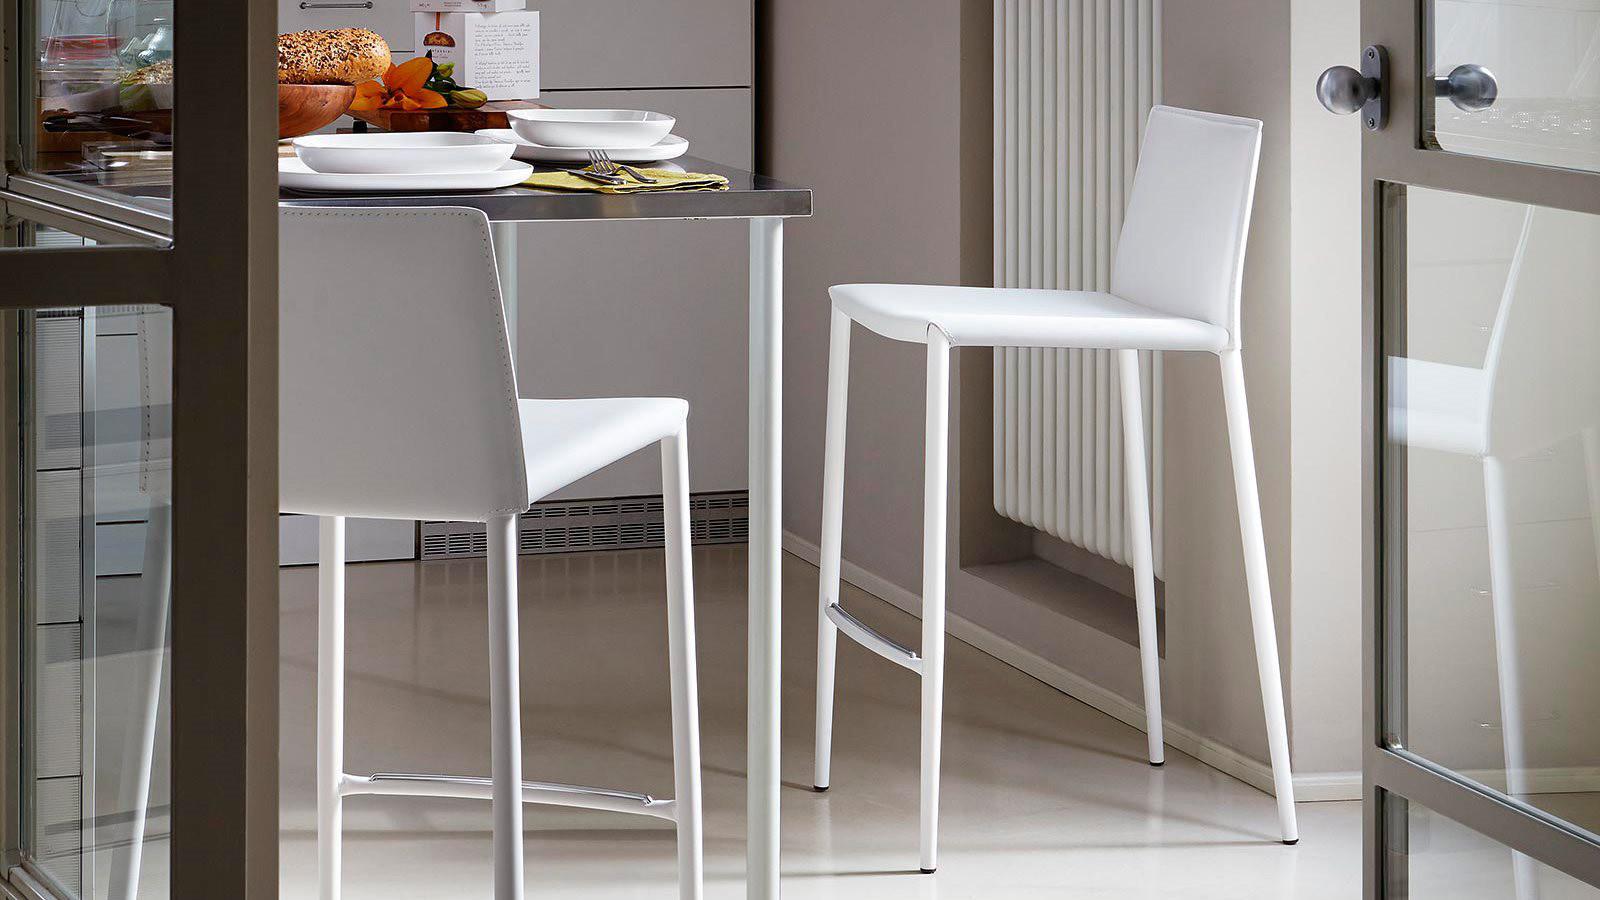 Tavoli sedie bar tavoli design prezzi tavoli sedie bar prezzi